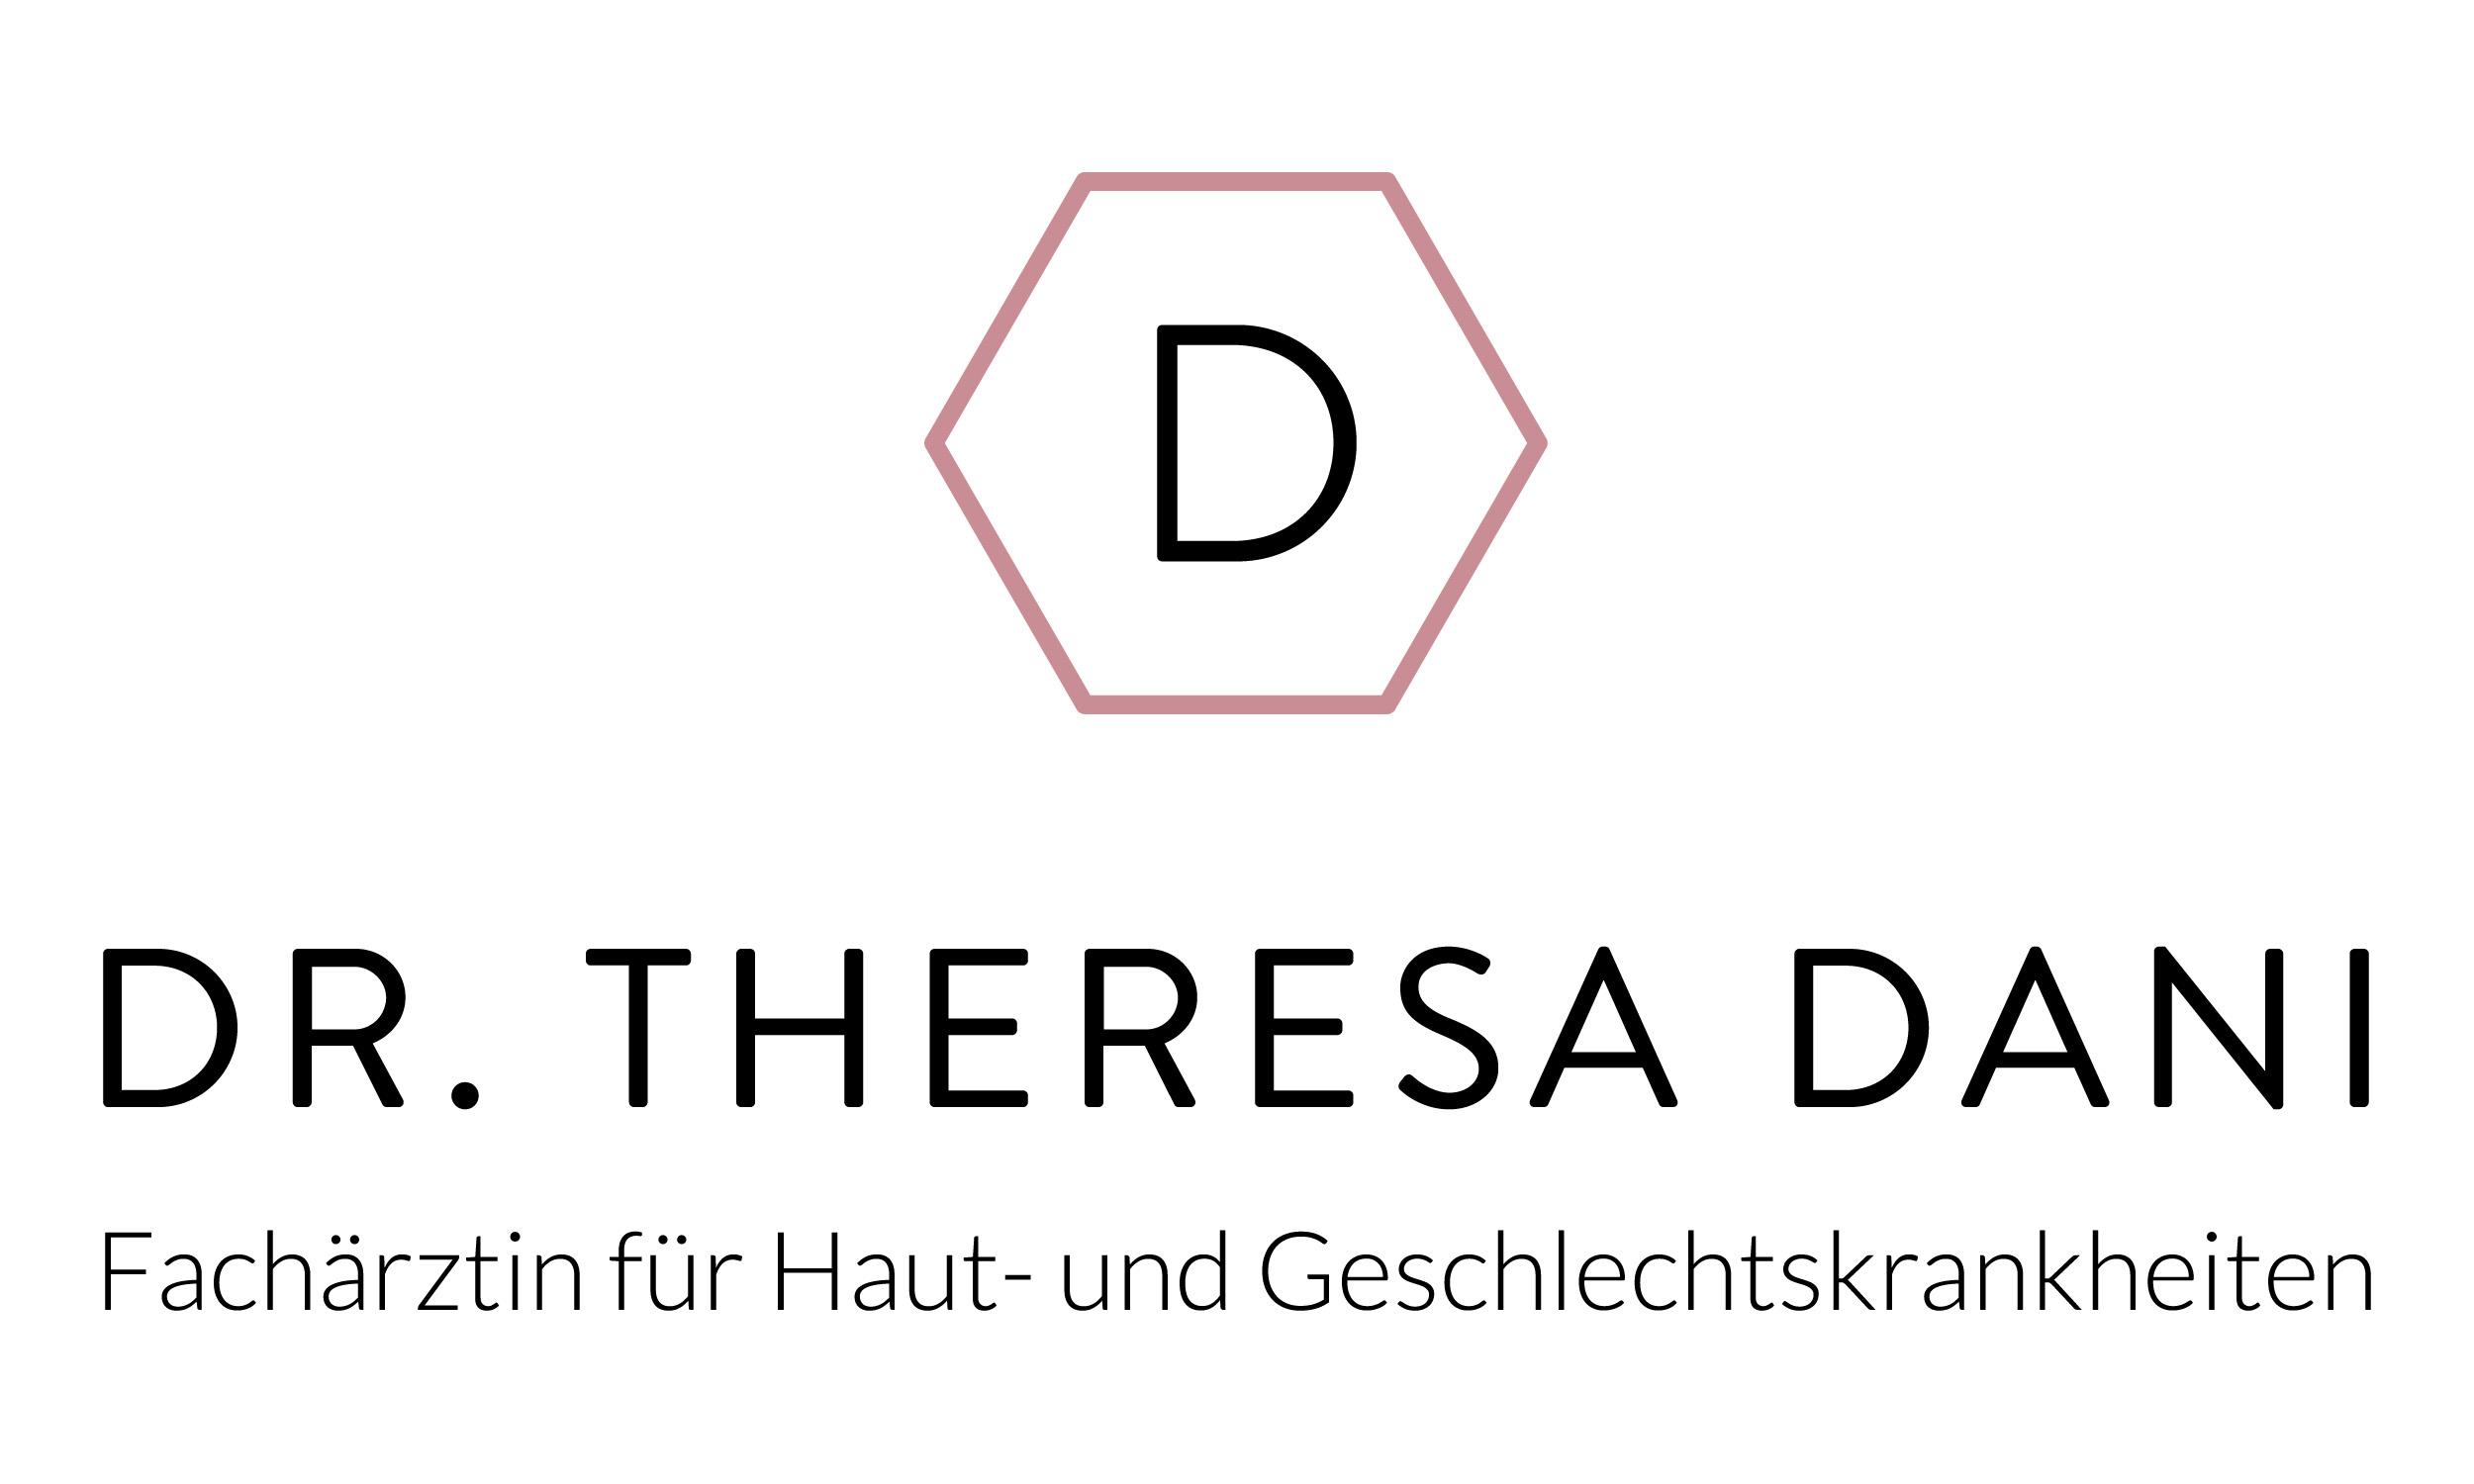 Dr. Theresa Dani